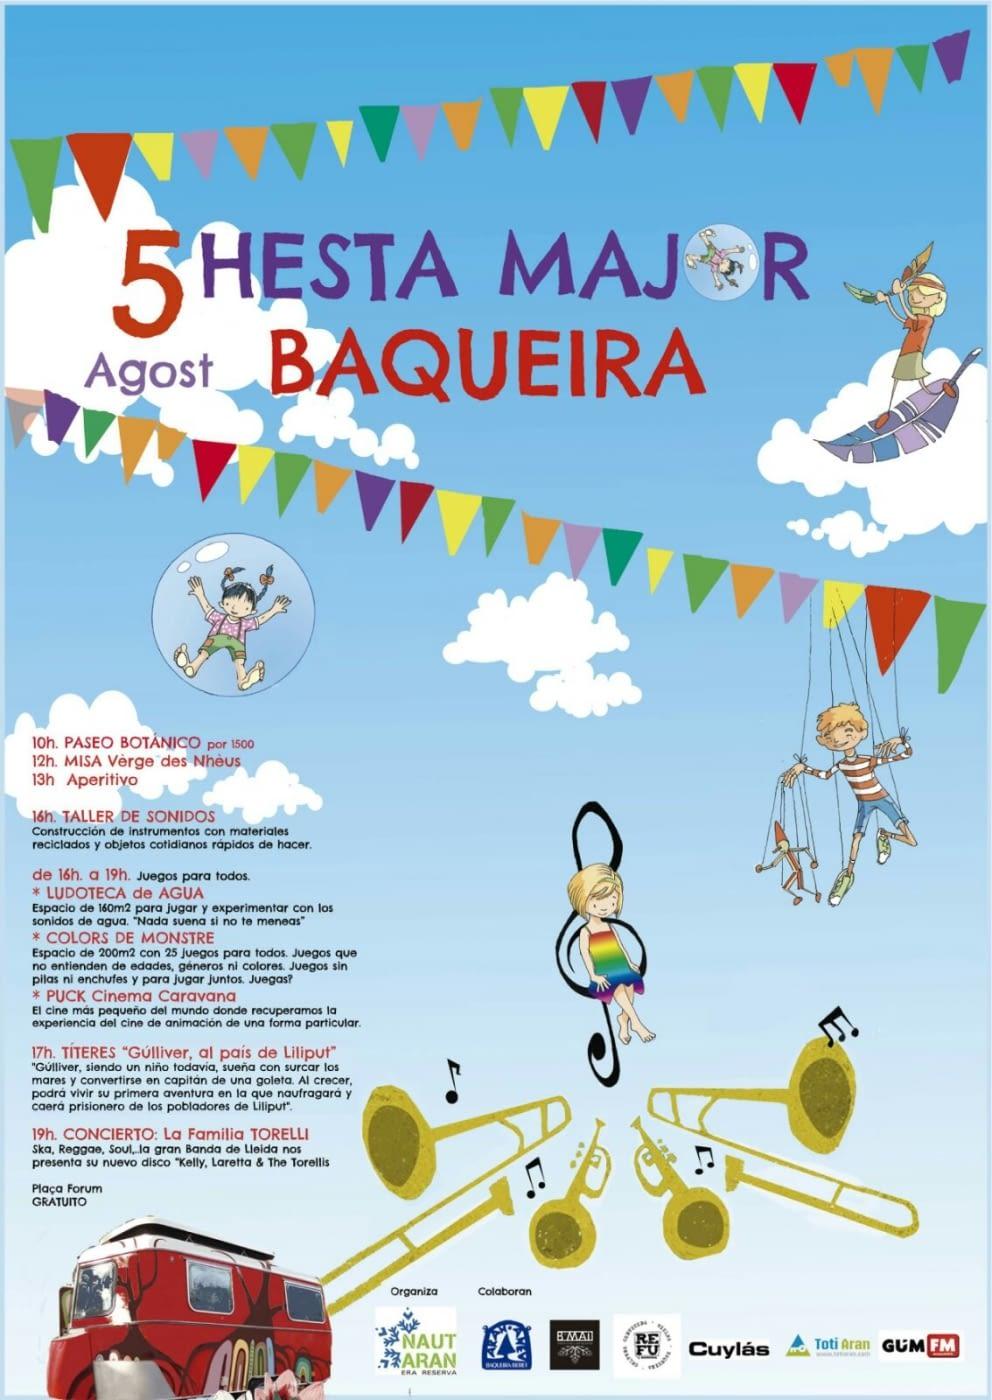 5 Août, fête patronale de Baqueira